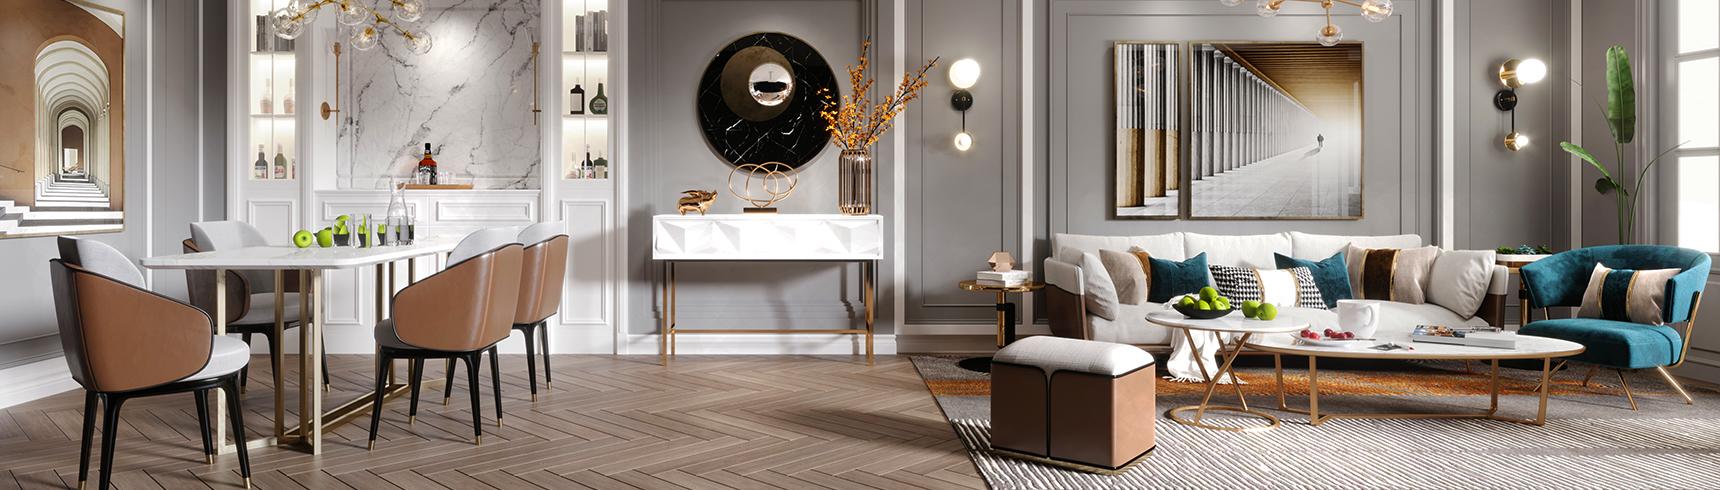 现代轻奢客厅 现代沙发茶几组合 现代餐桌椅组合3D模型下载